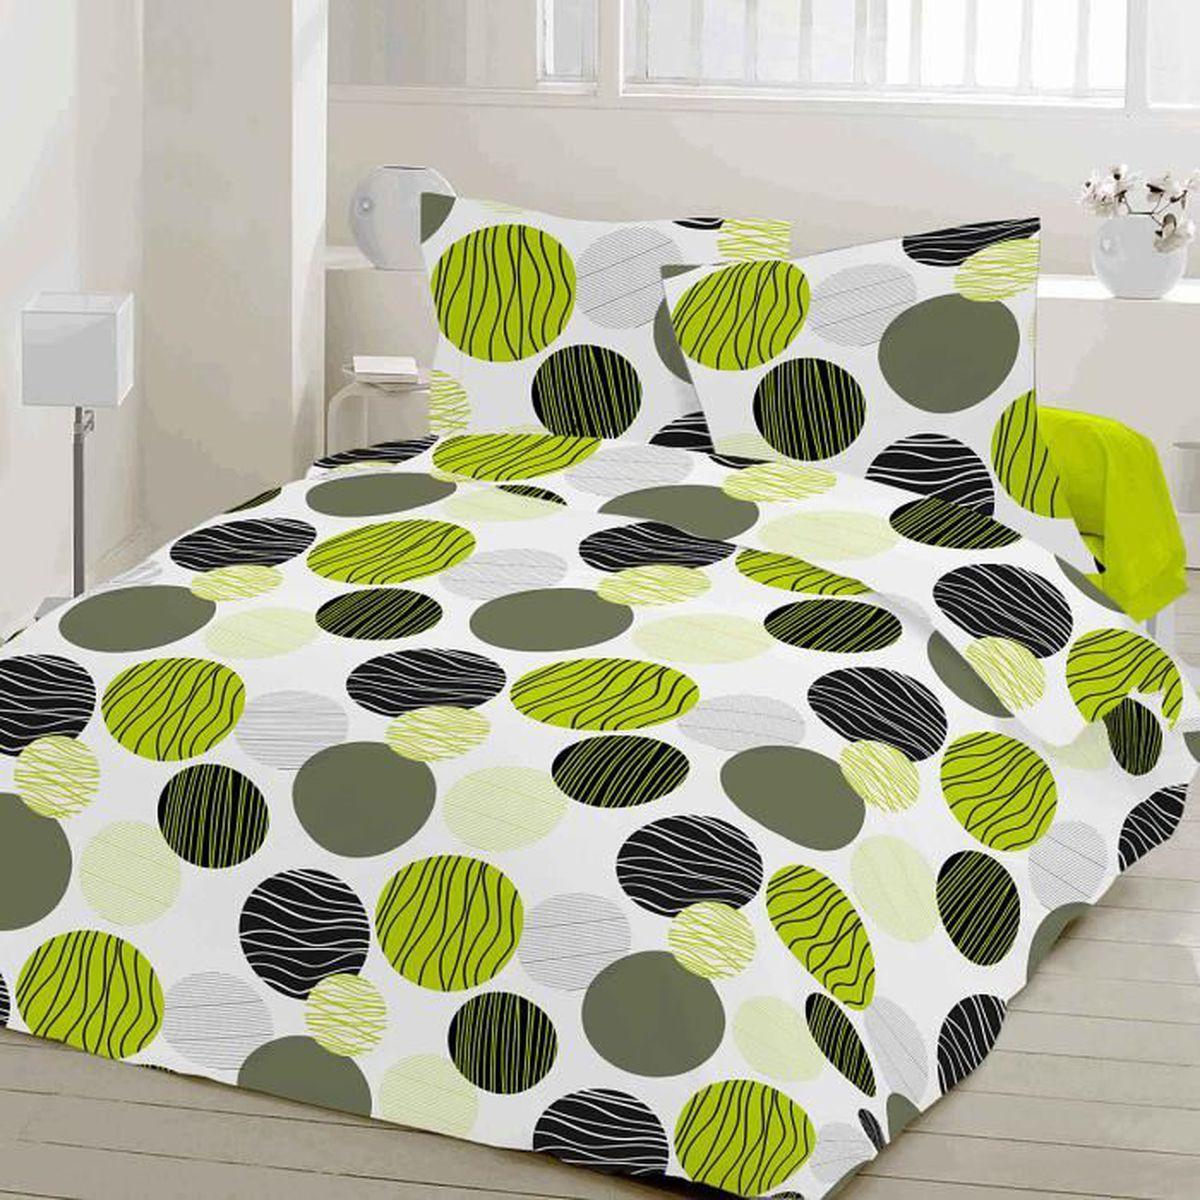 fresh soulbedroom 100 coton parure de lit housse de couette 200x200 cm 2 taies d 39 oreiller. Black Bedroom Furniture Sets. Home Design Ideas